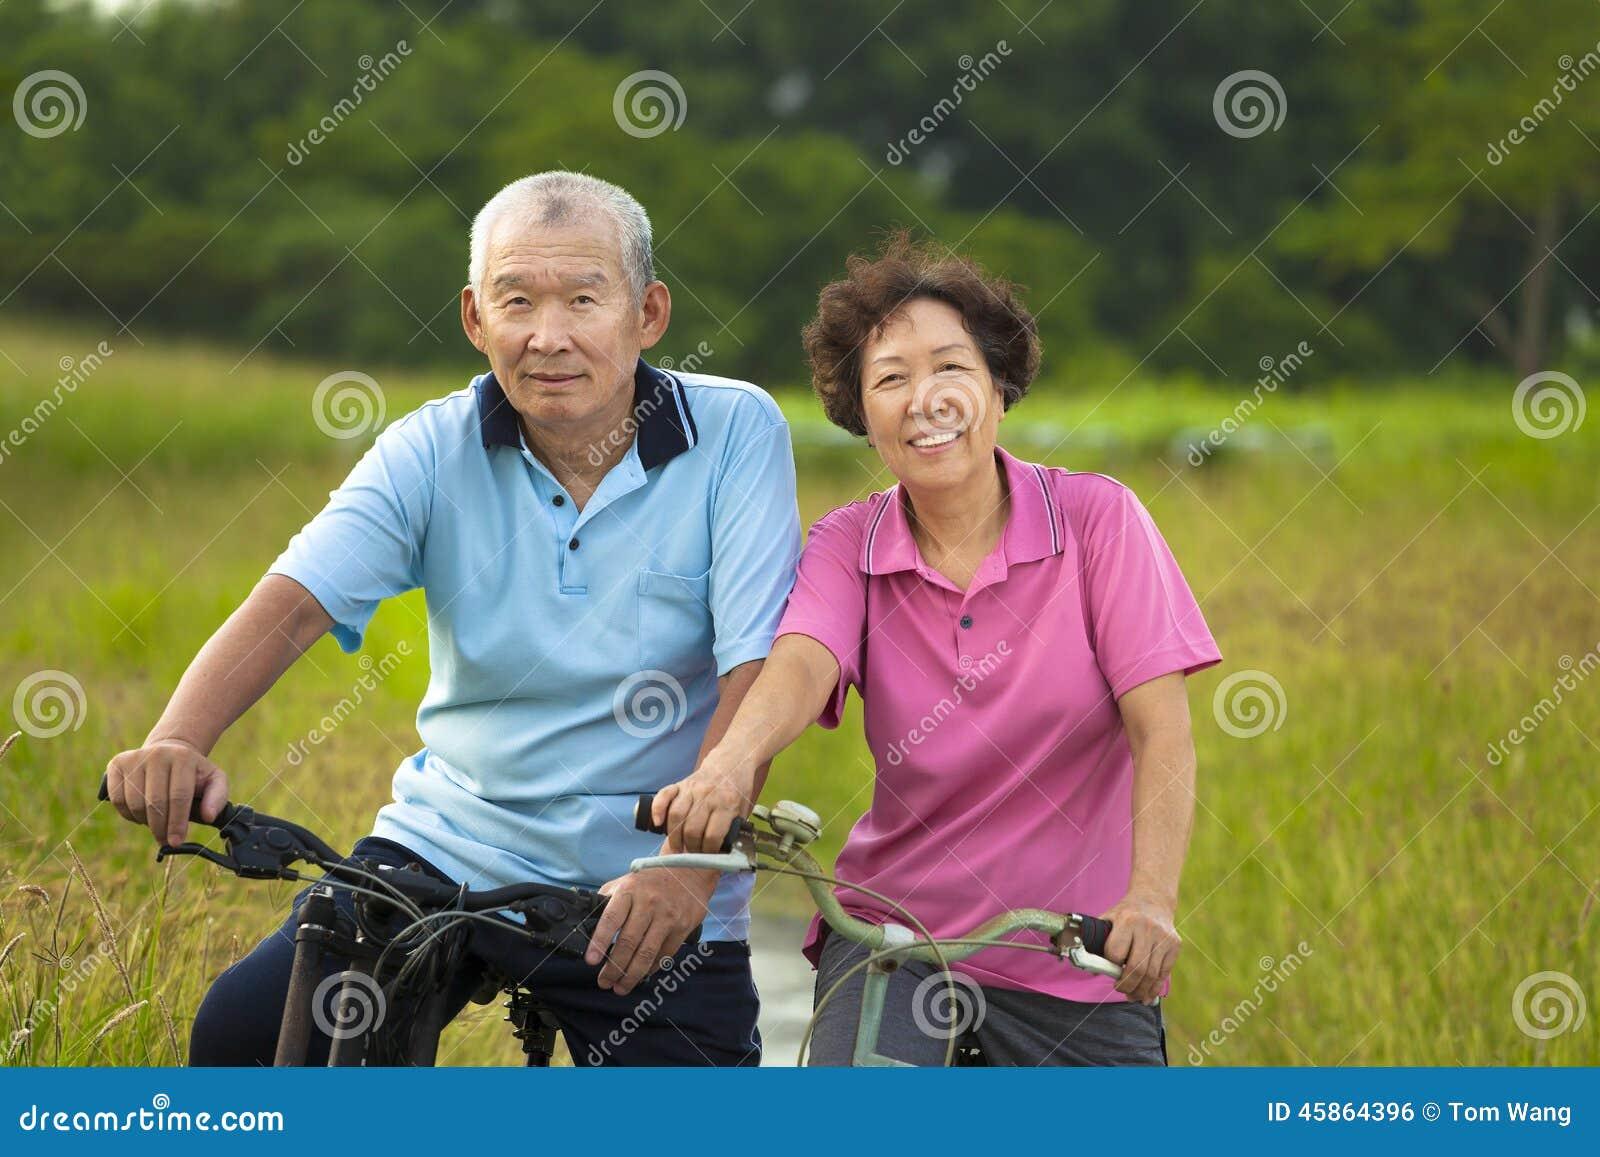 Szczęśliwa Azjatycka senior para jechać na rowerze w parku